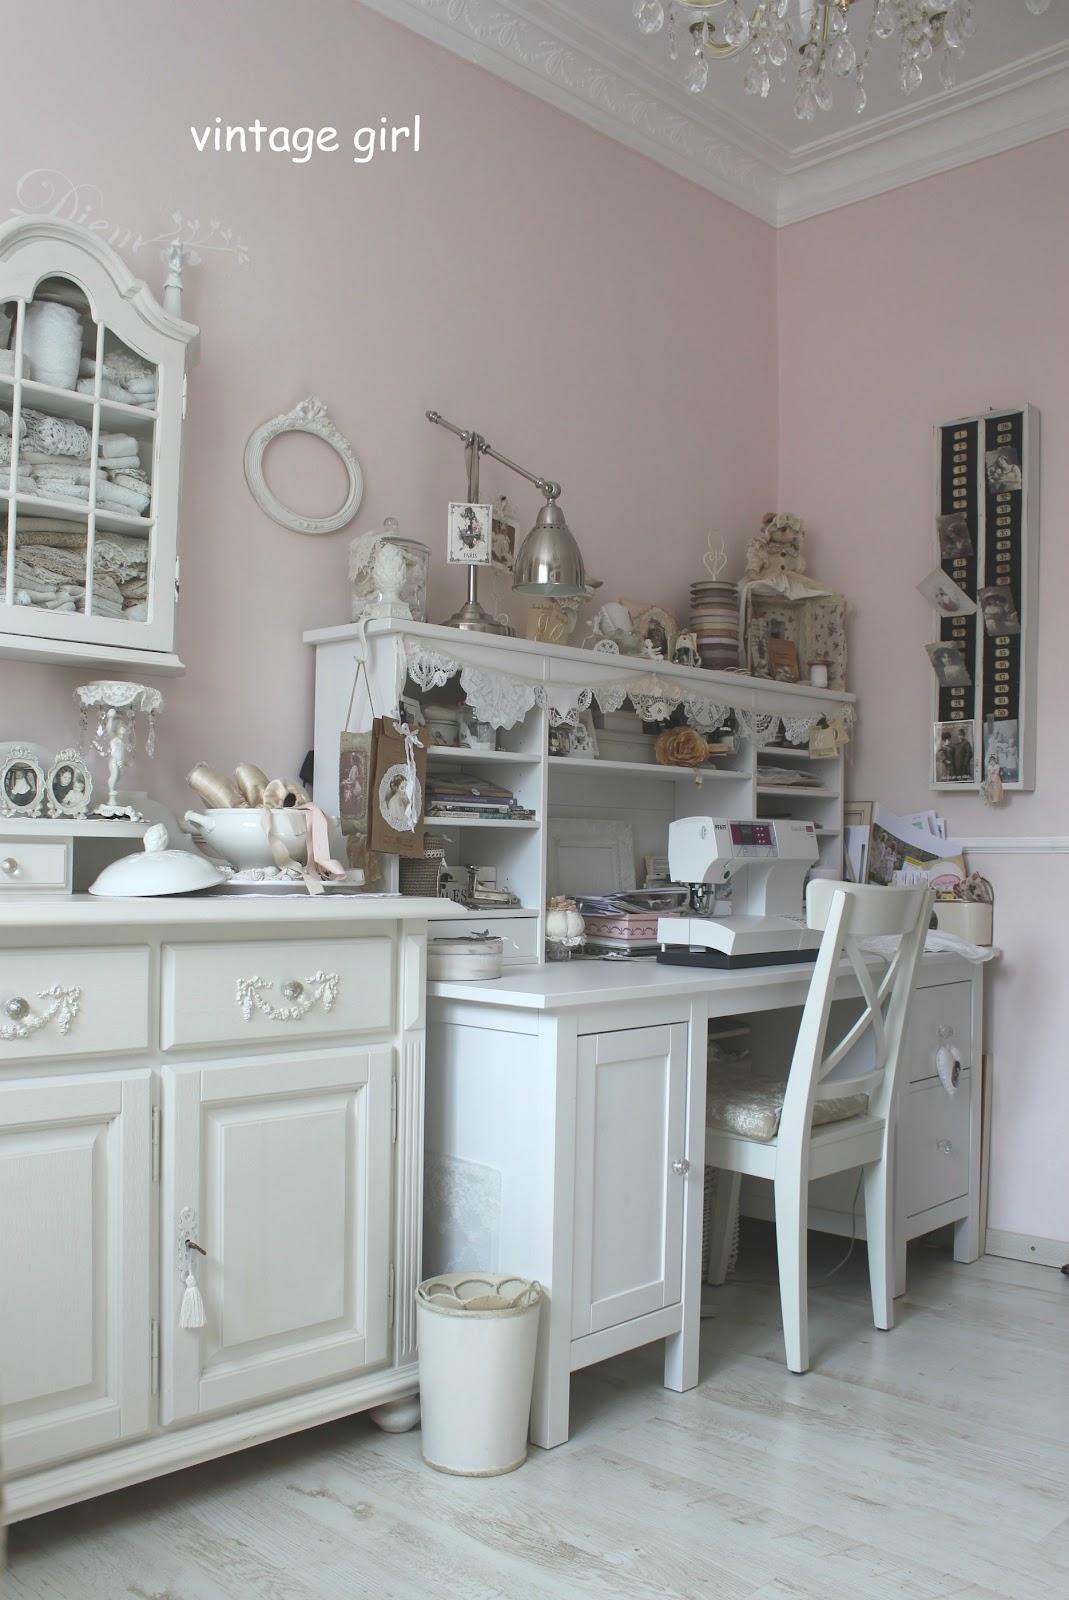 vintage girl n hst bchen. Black Bedroom Furniture Sets. Home Design Ideas